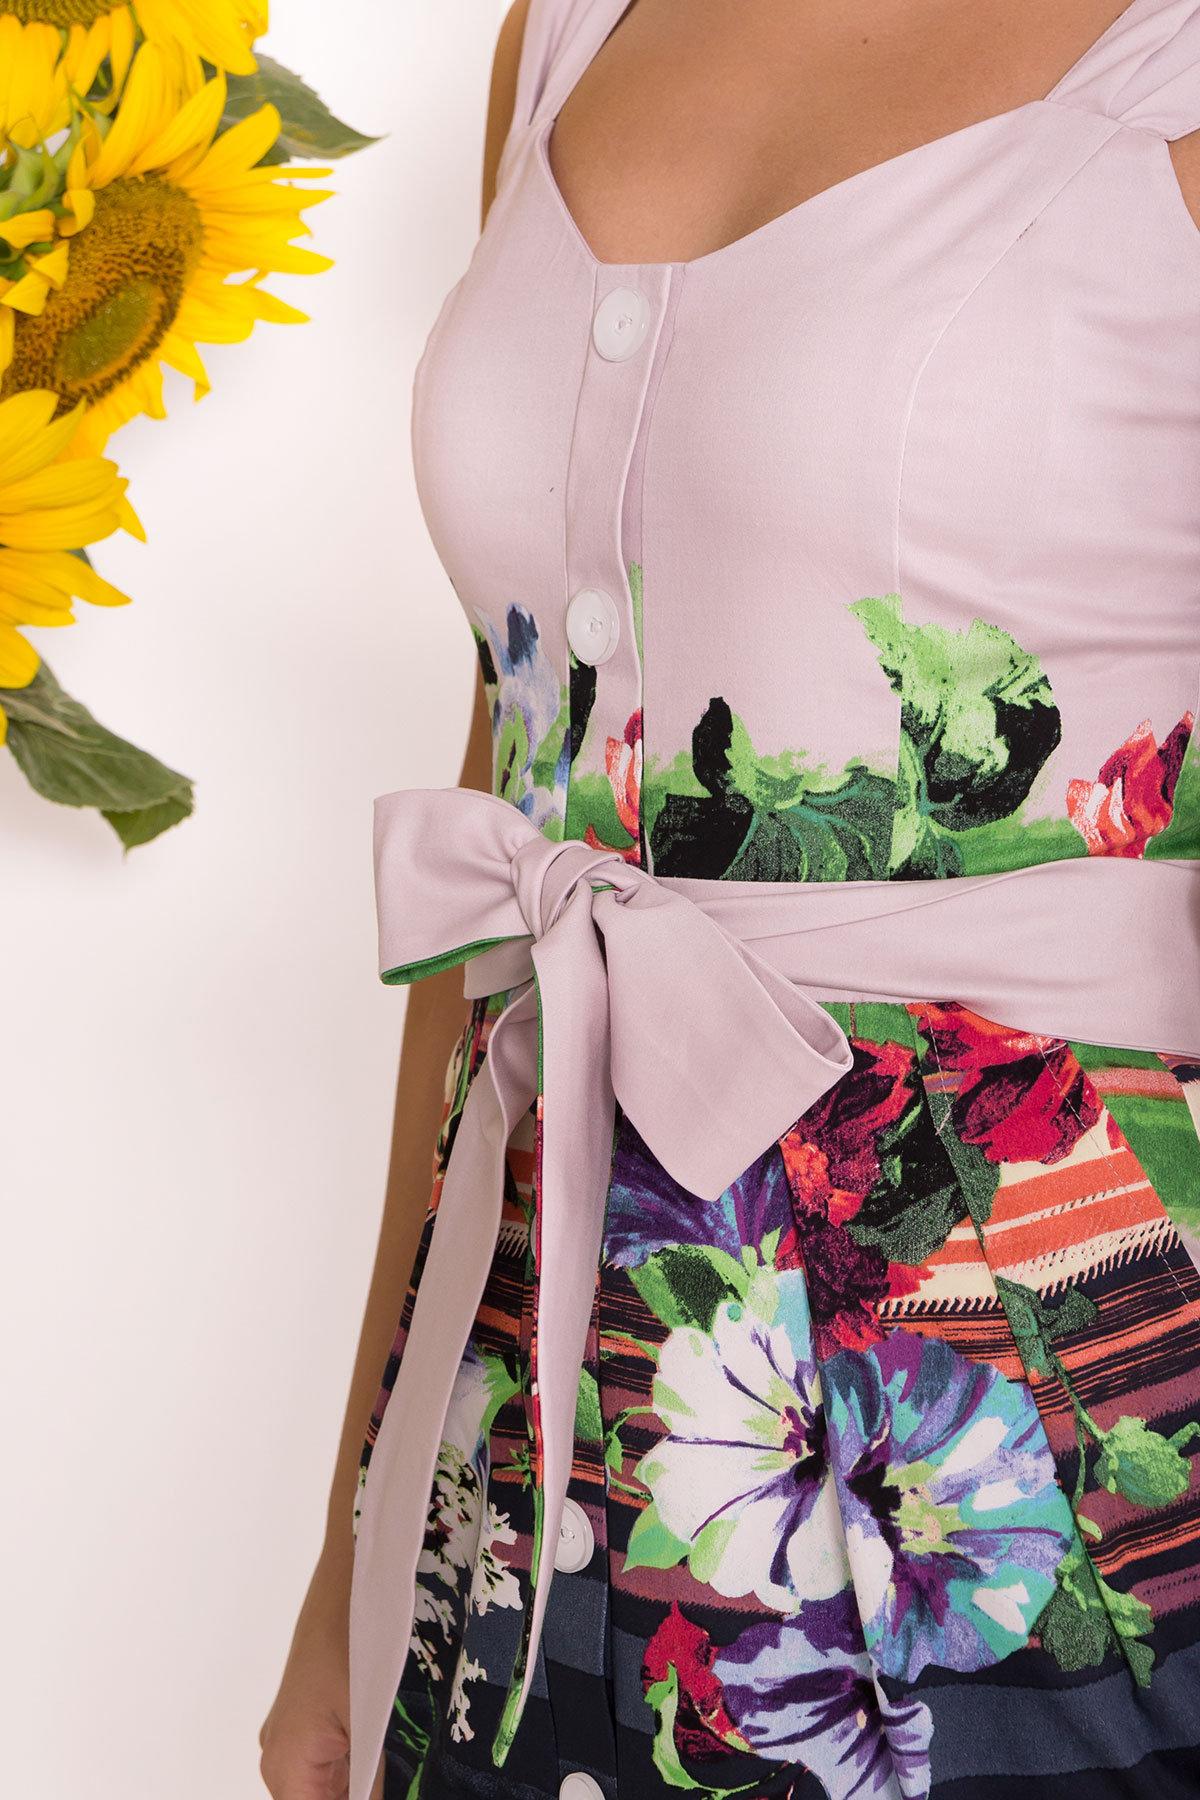 Платье Унгаро 7629 АРТ. 43555 Цвет: Цветы, т.синий/с.сирень - фото 4, интернет магазин tm-modus.ru